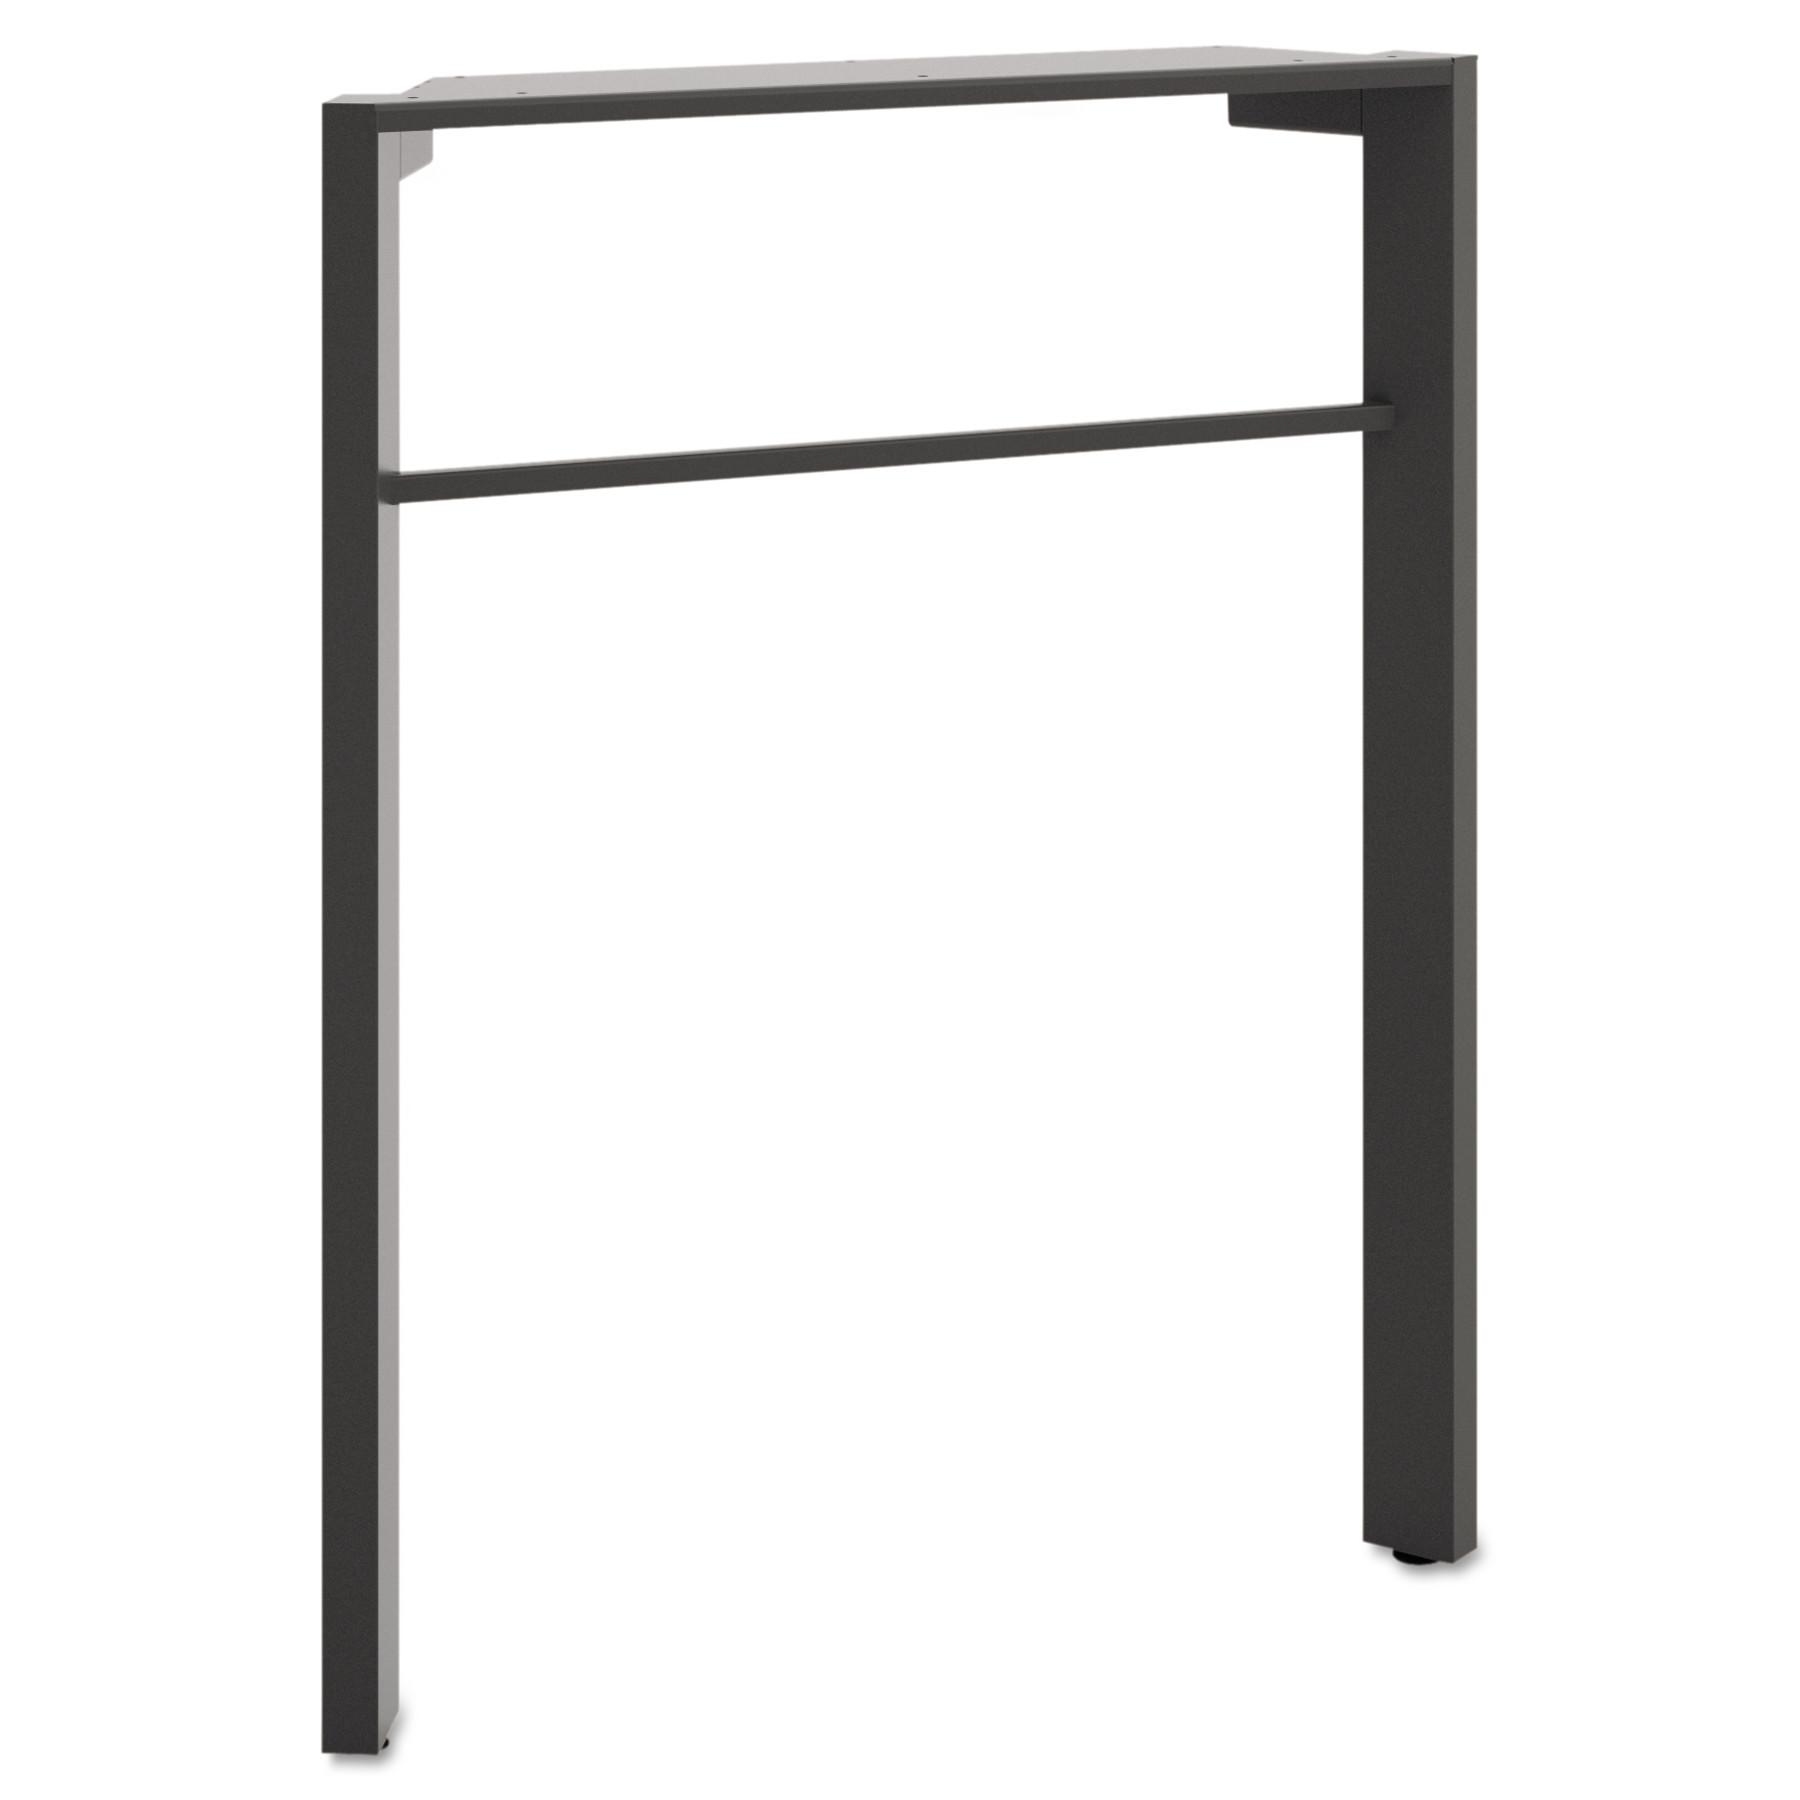 basyx Manage Series Desk Leg, Steel, 2-1/4w x 23-1/2d x 28-1/2h, Ash